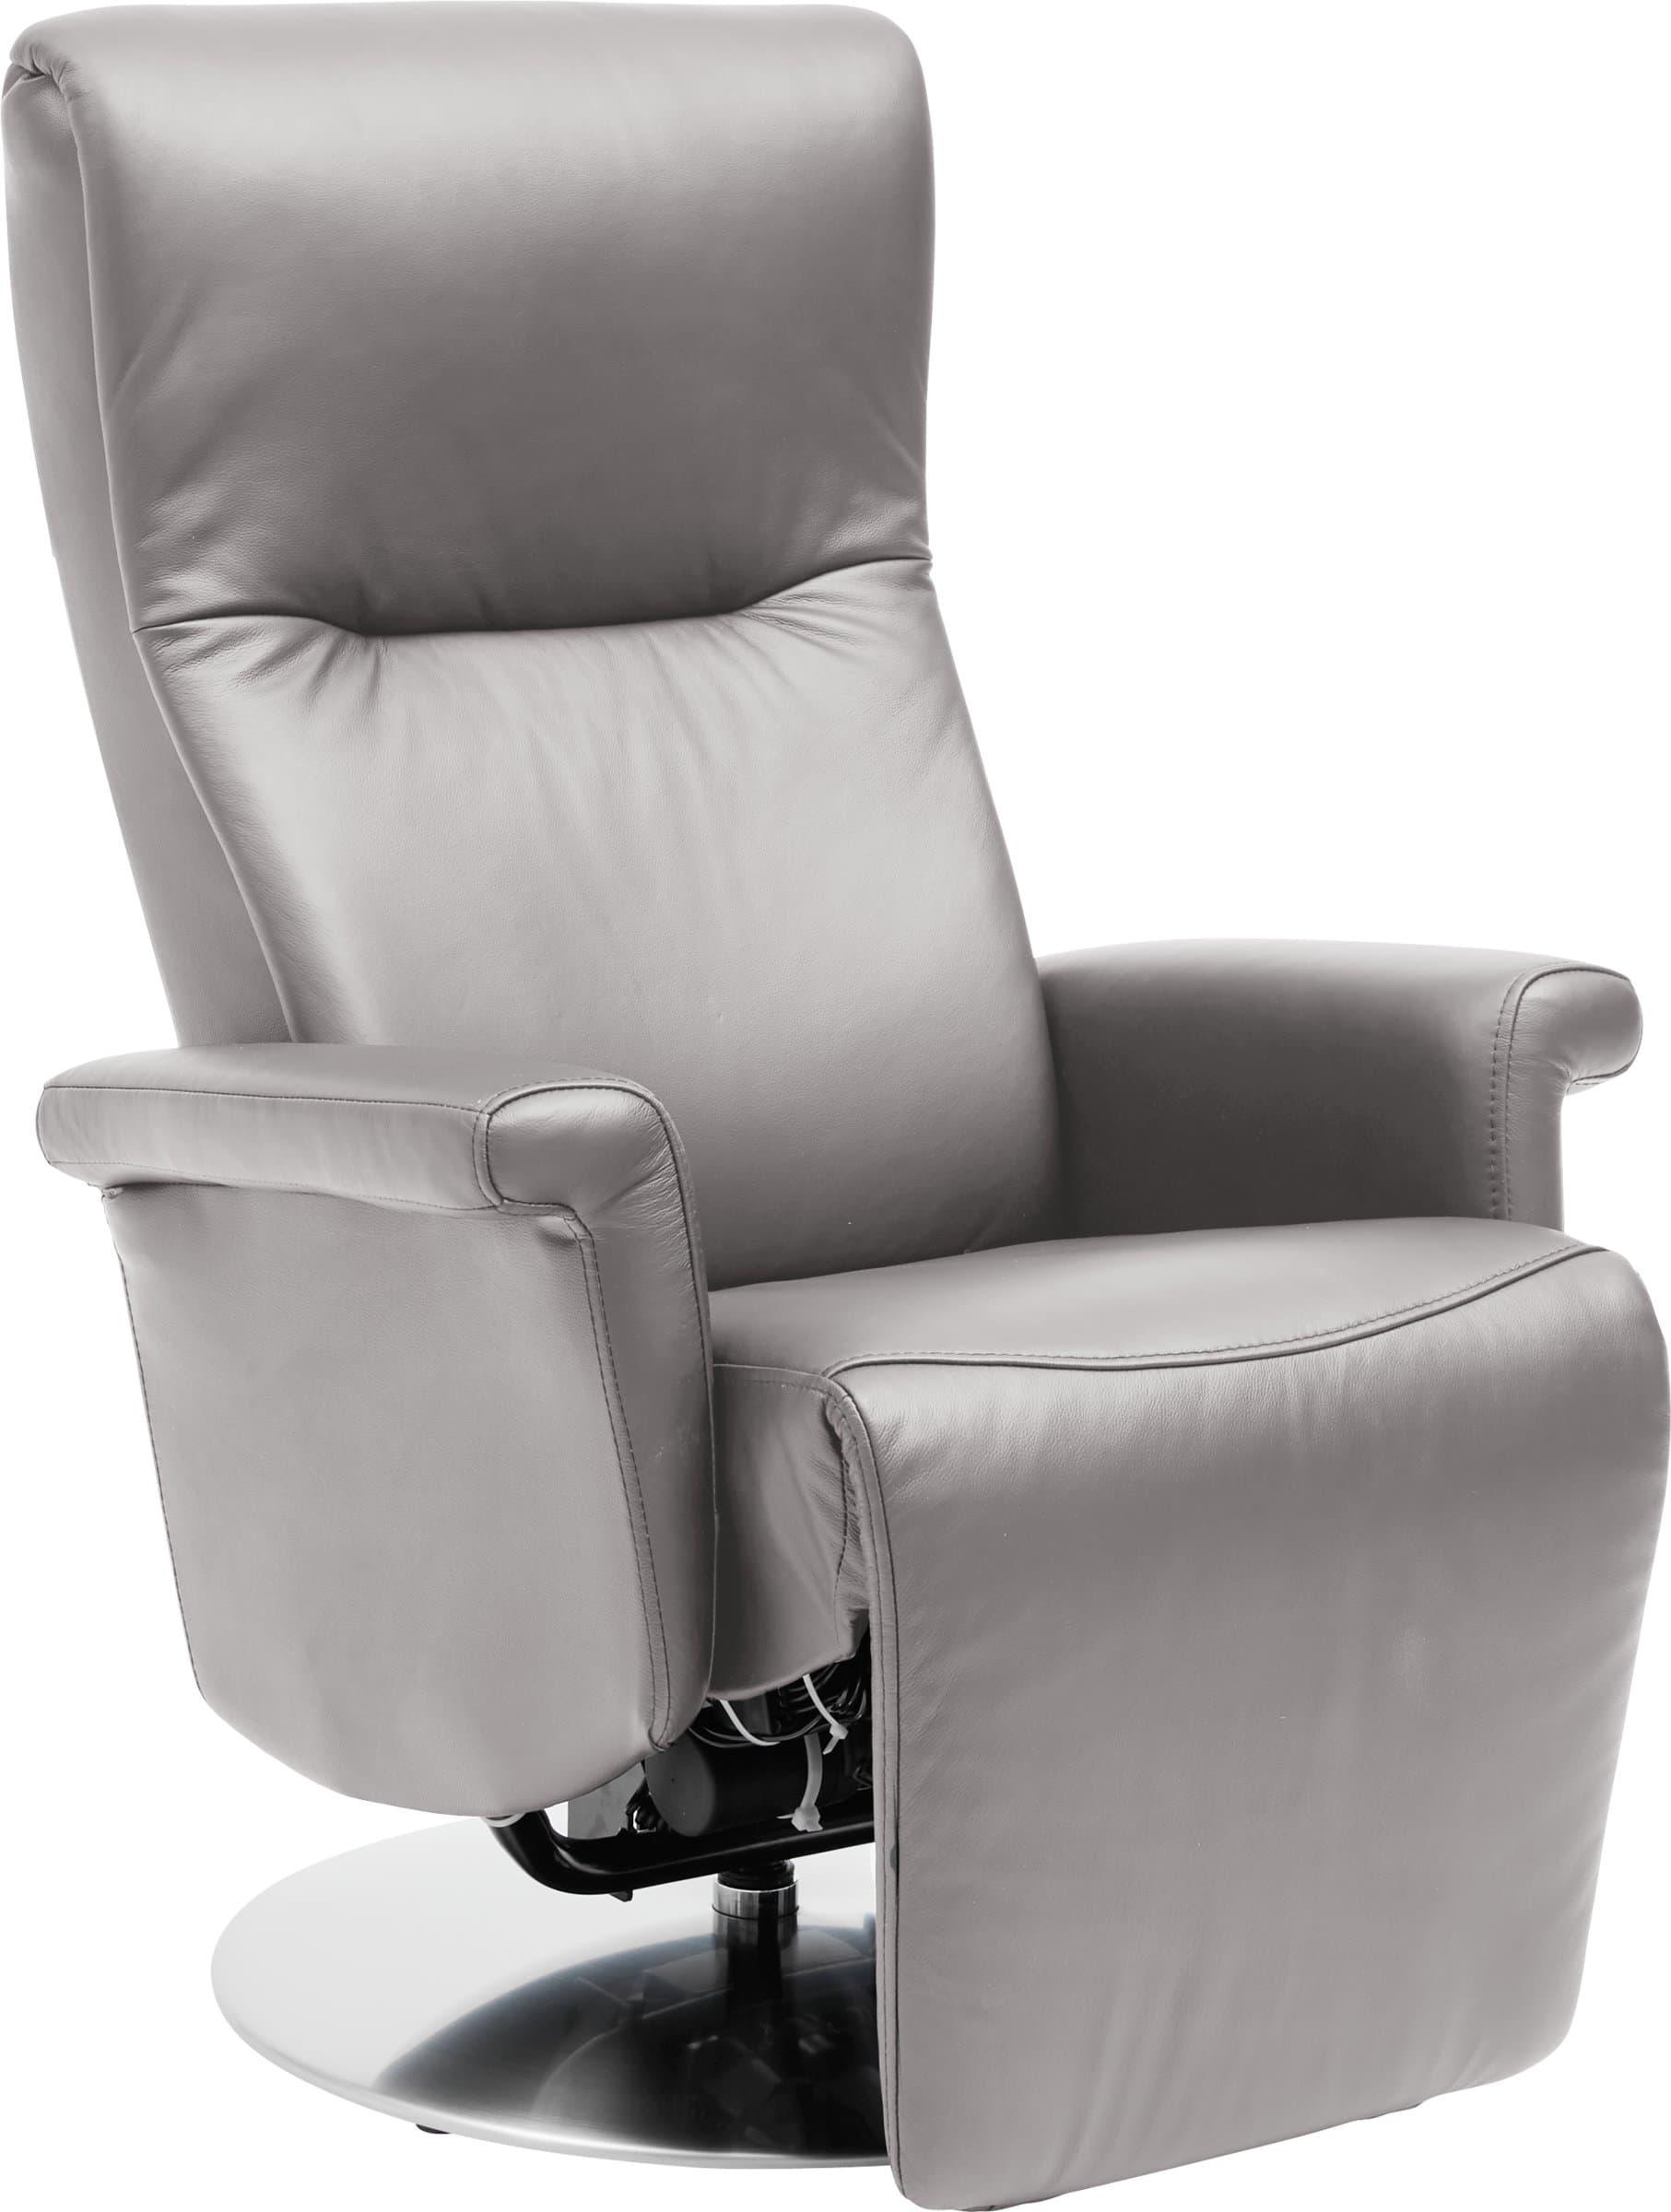 sessel lessing migros. Black Bedroom Furniture Sets. Home Design Ideas